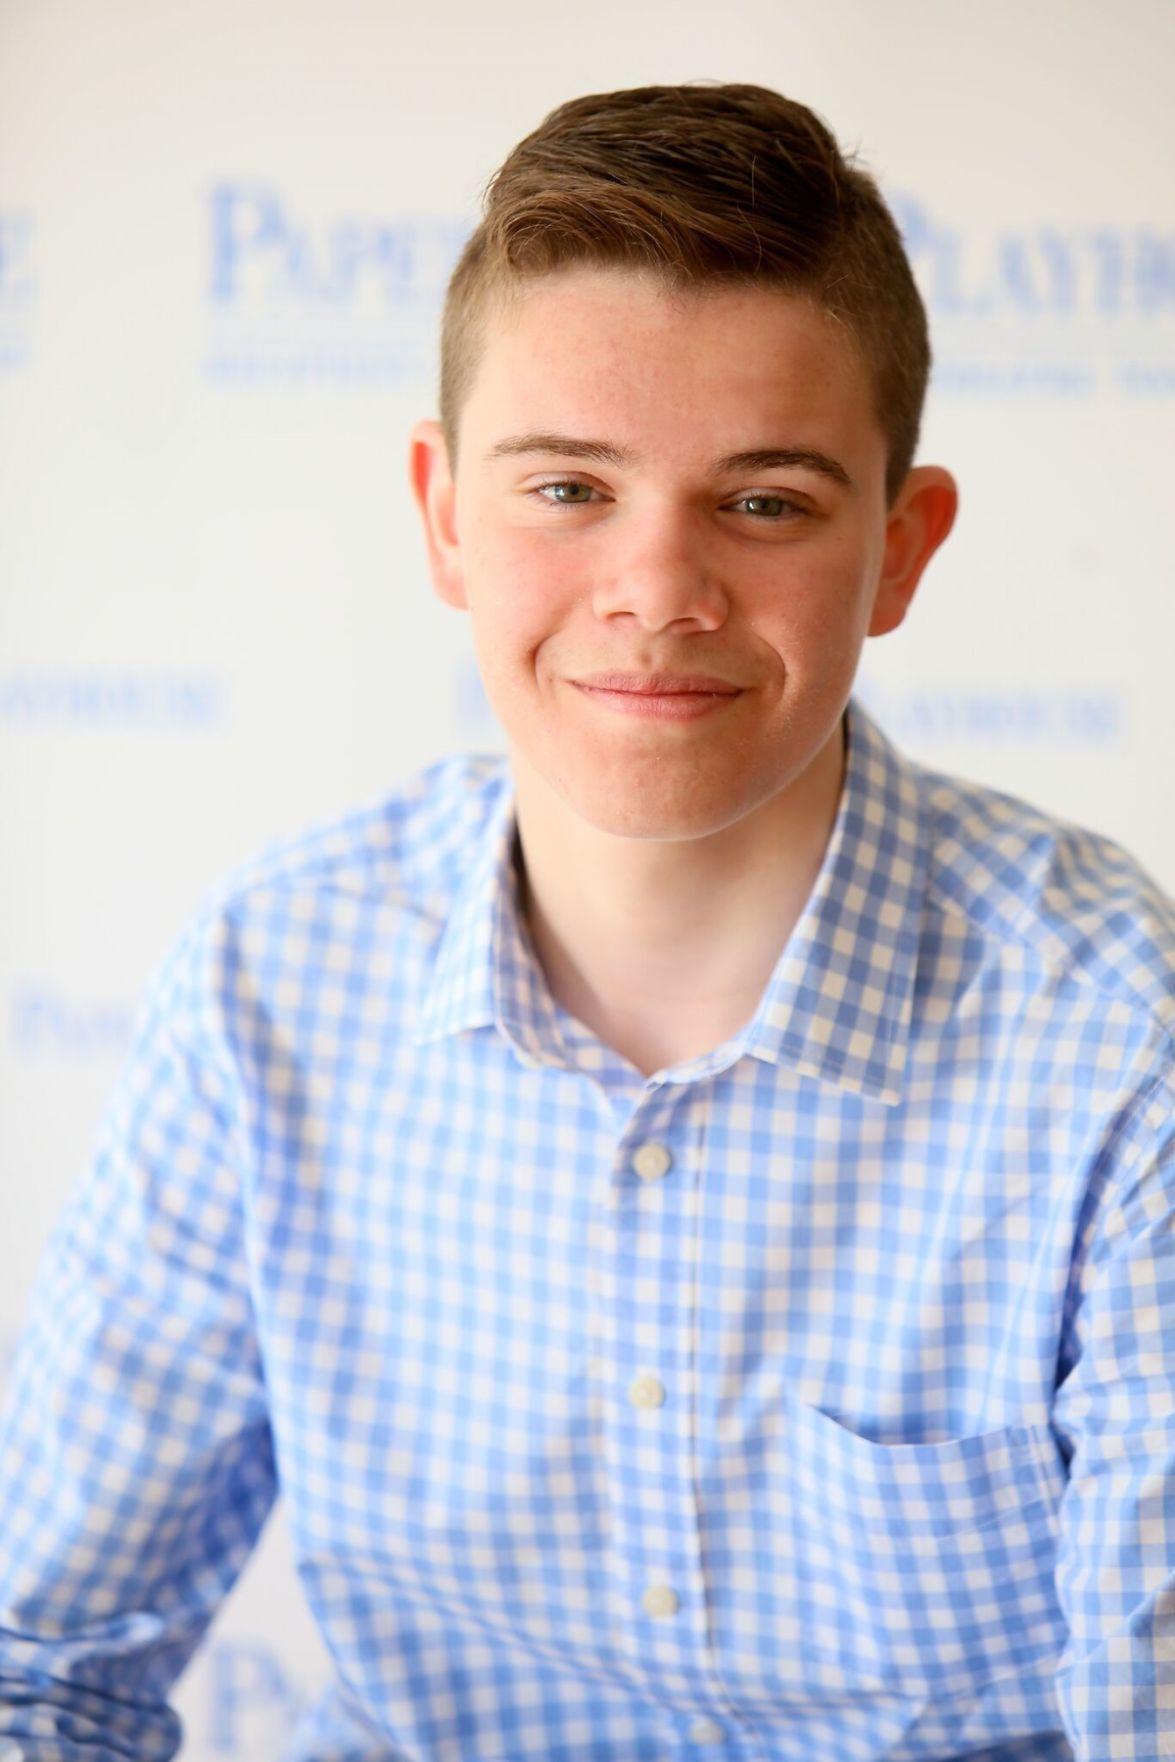 Liam Driscoll